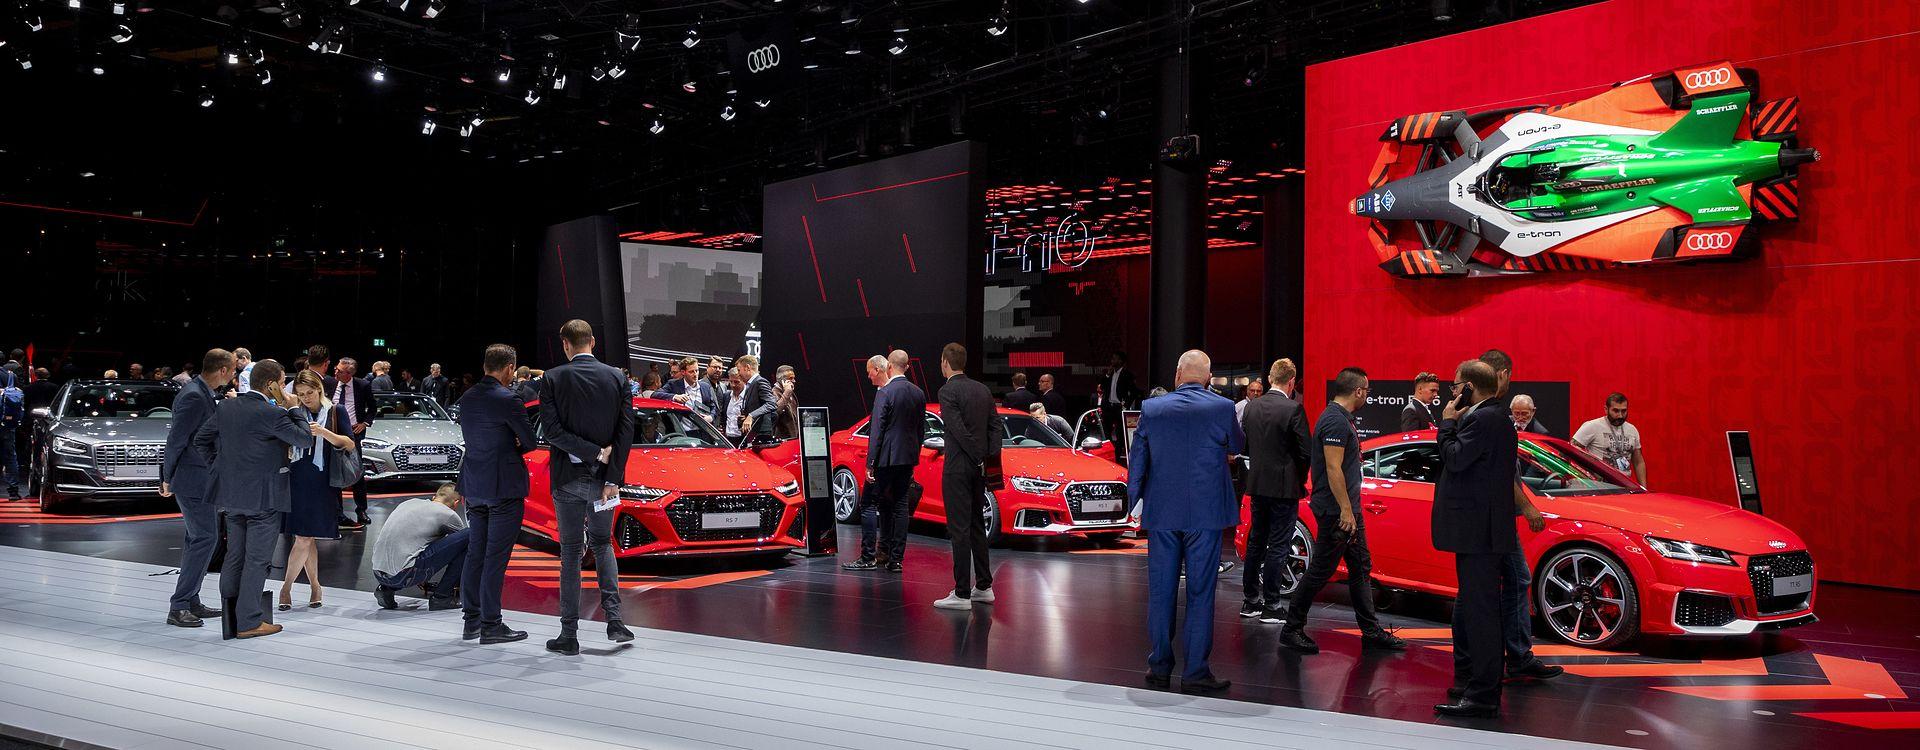 Stoisko Audi na IAA Frankfurt 2019